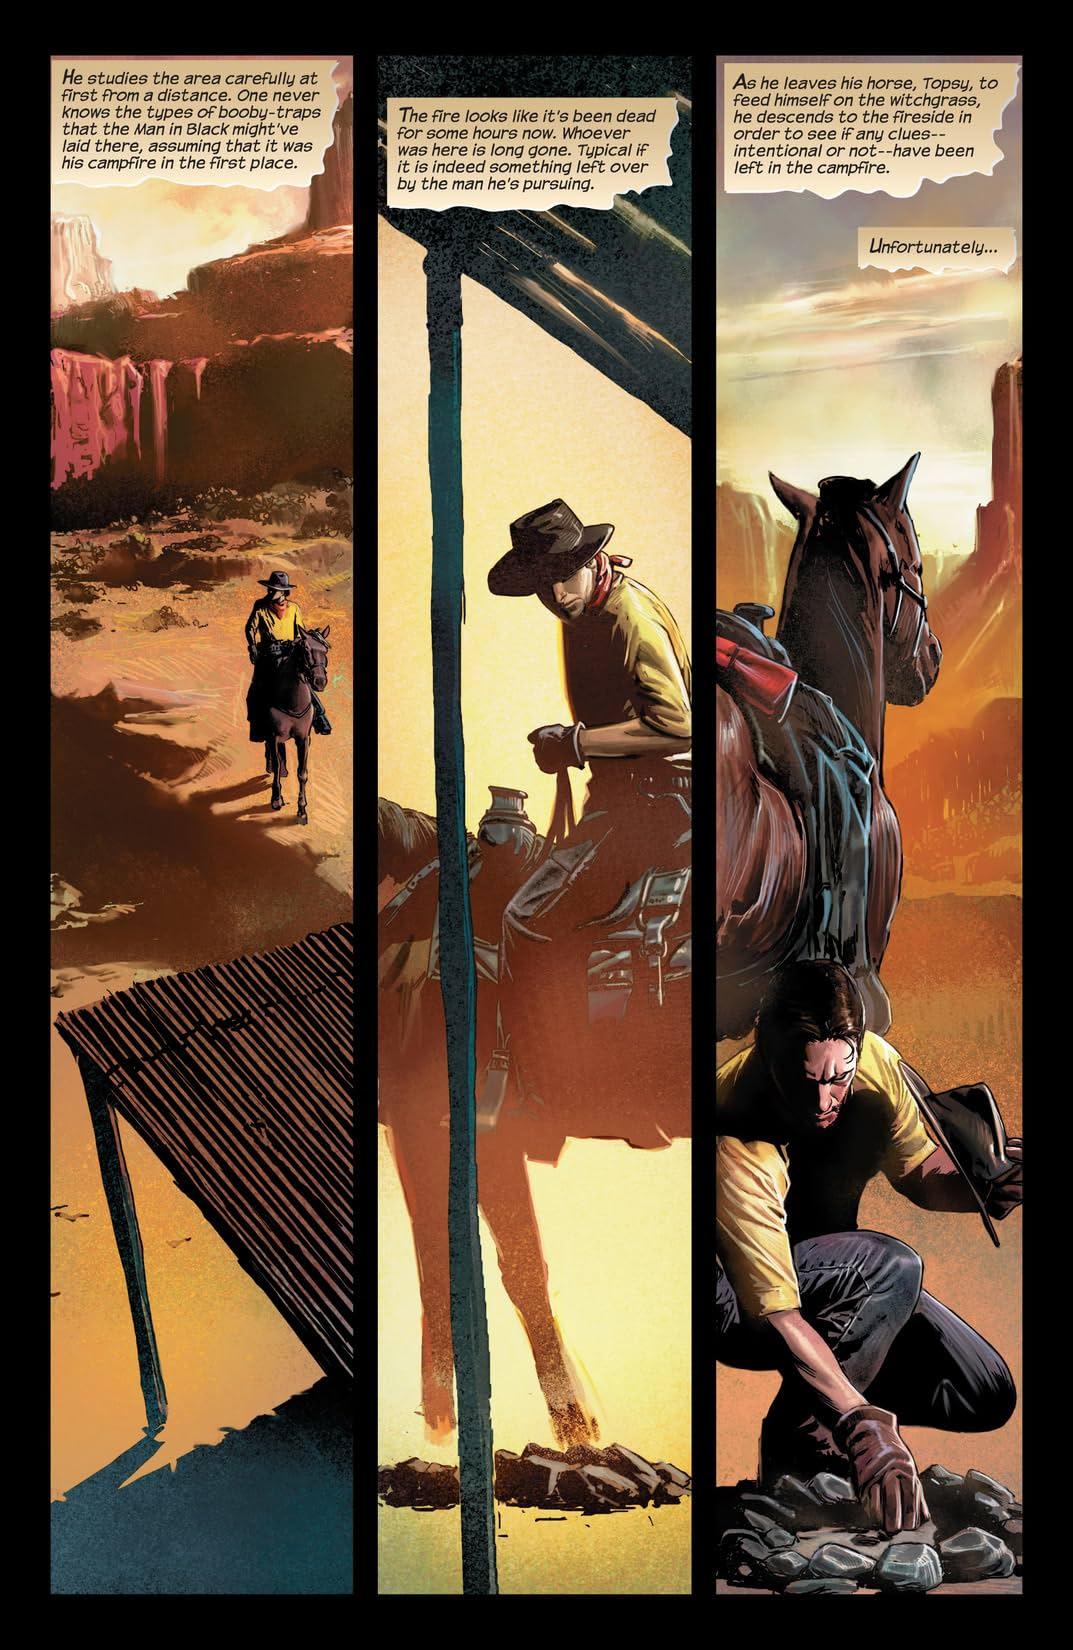 Dark Tower: The Gunslinger - Evil Ground #1 (of 2)